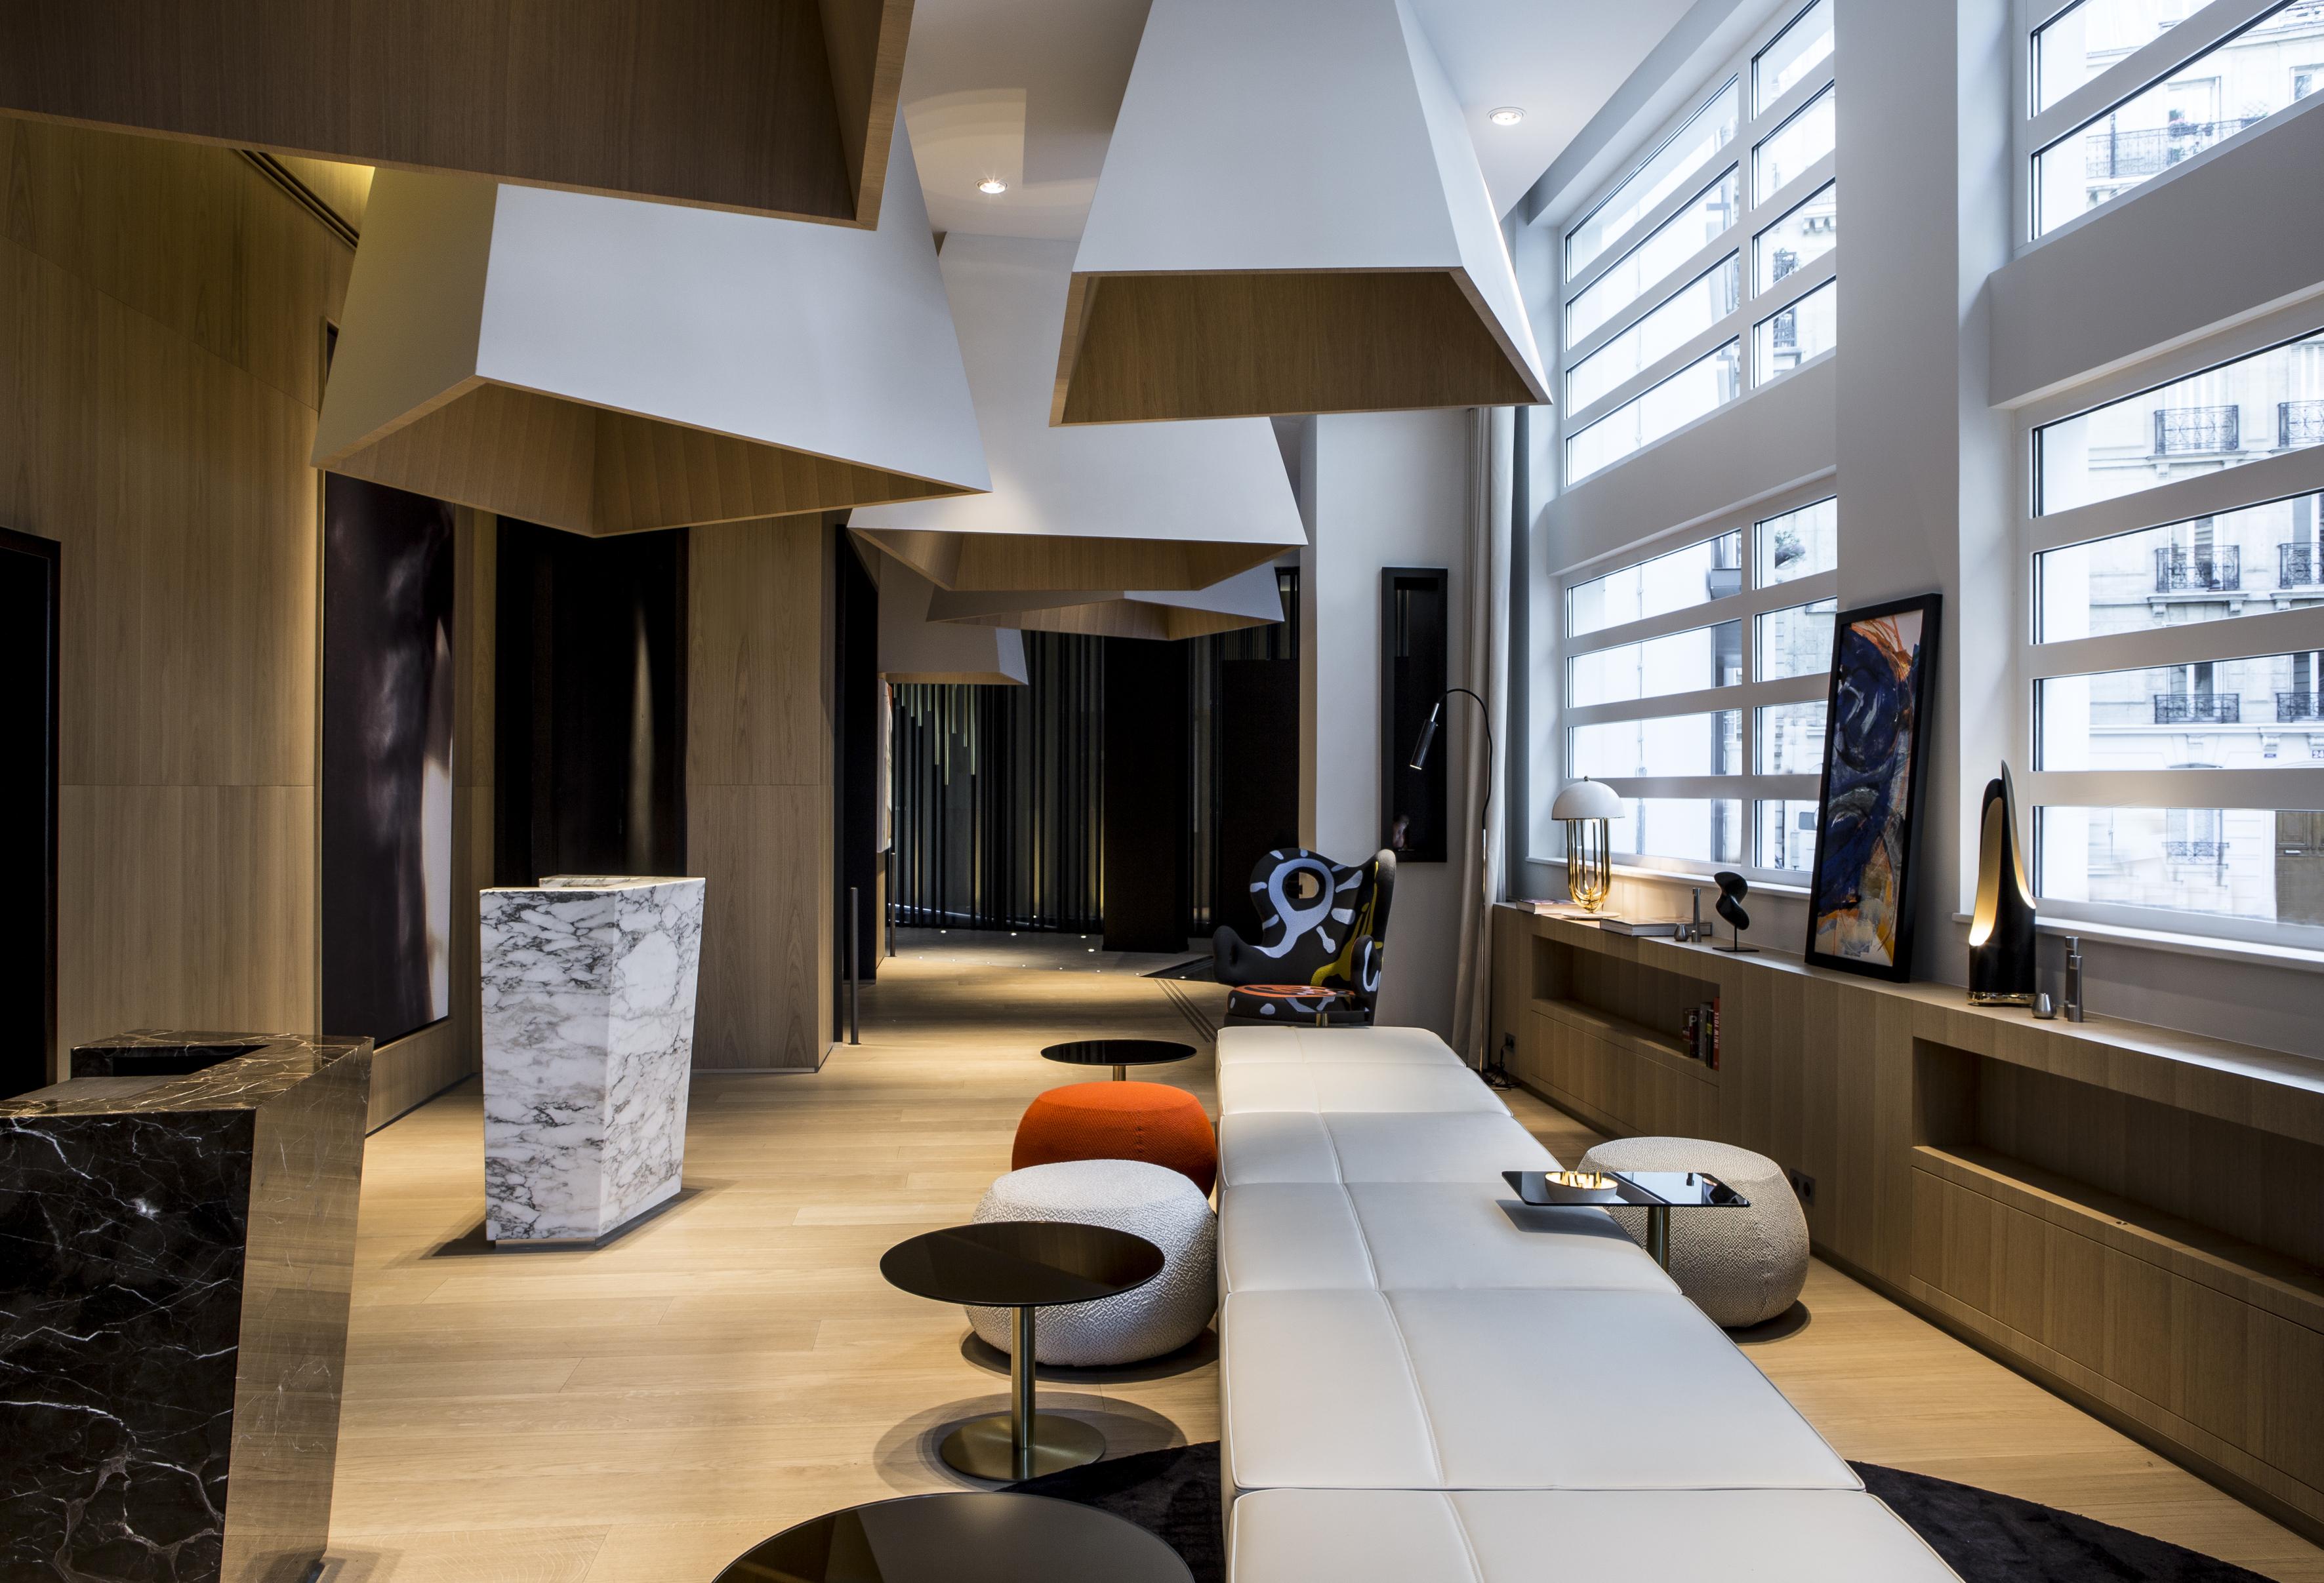 h tel le cinq codet mllemag. Black Bedroom Furniture Sets. Home Design Ideas